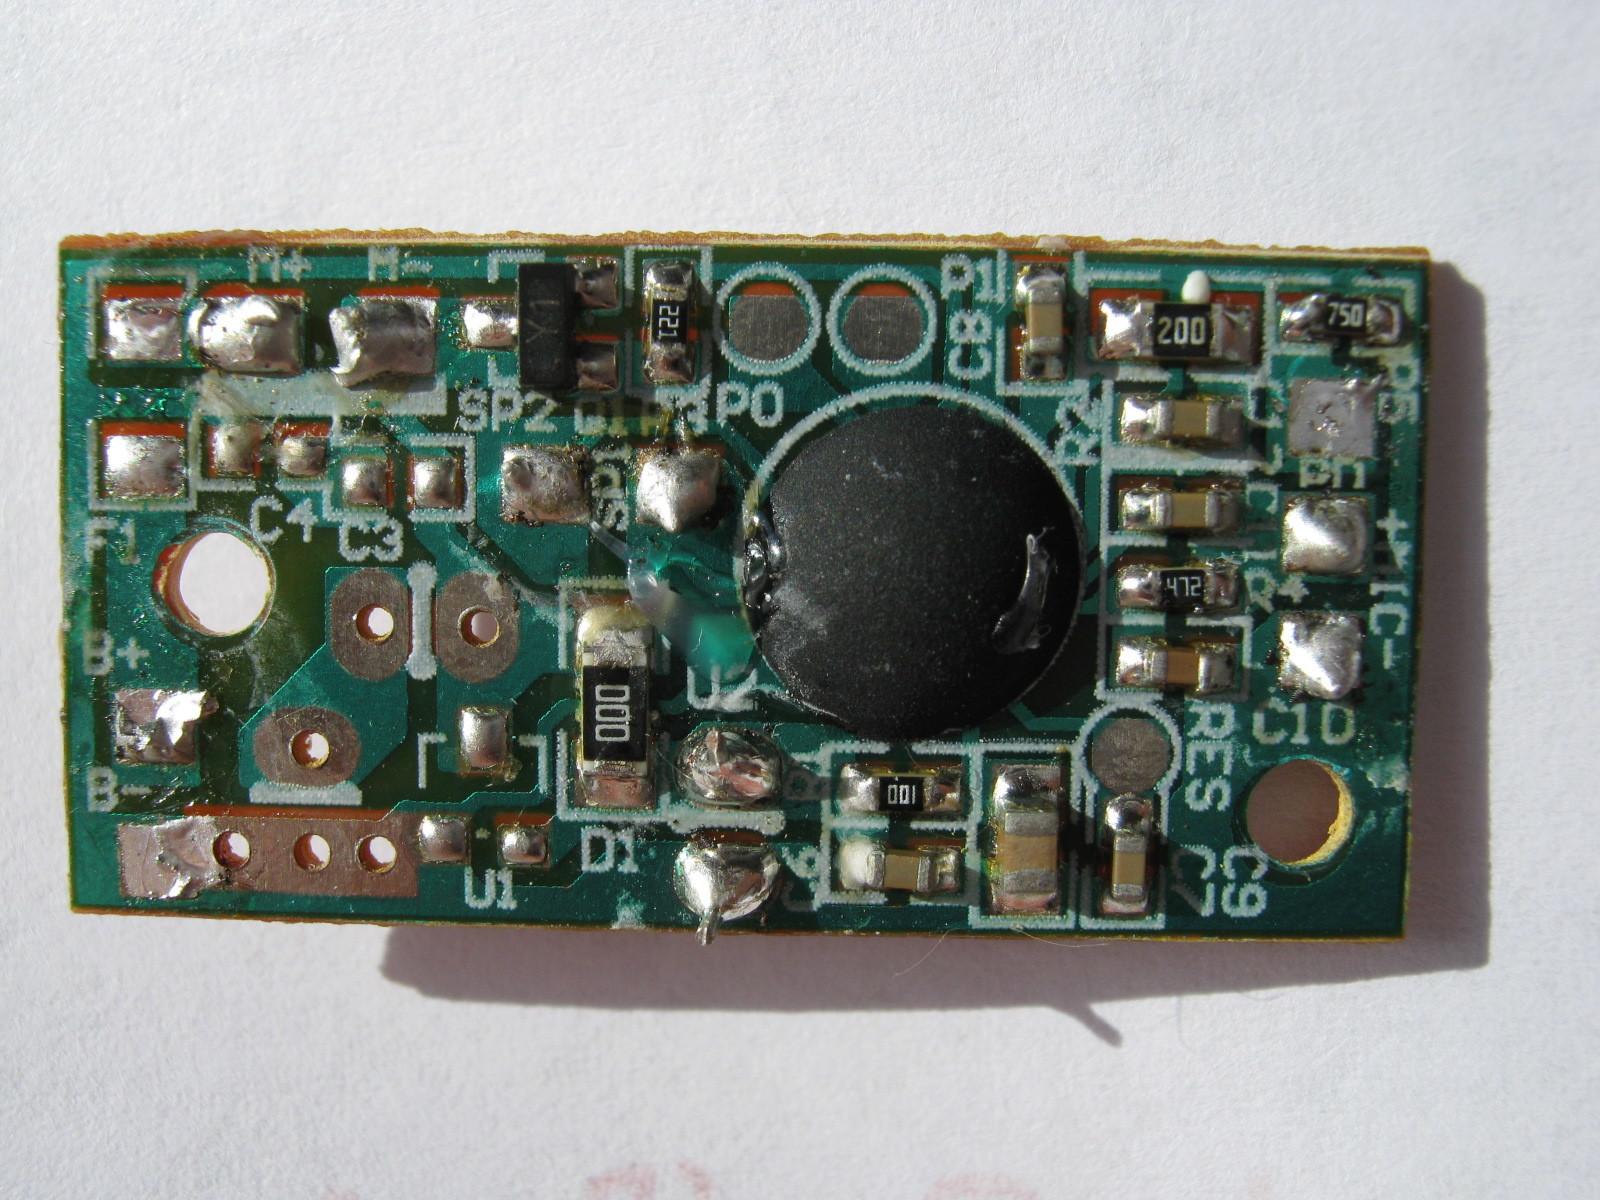 ミミクリーペット3(ボイスレコーダー・チェンジャー換装)元基板裏